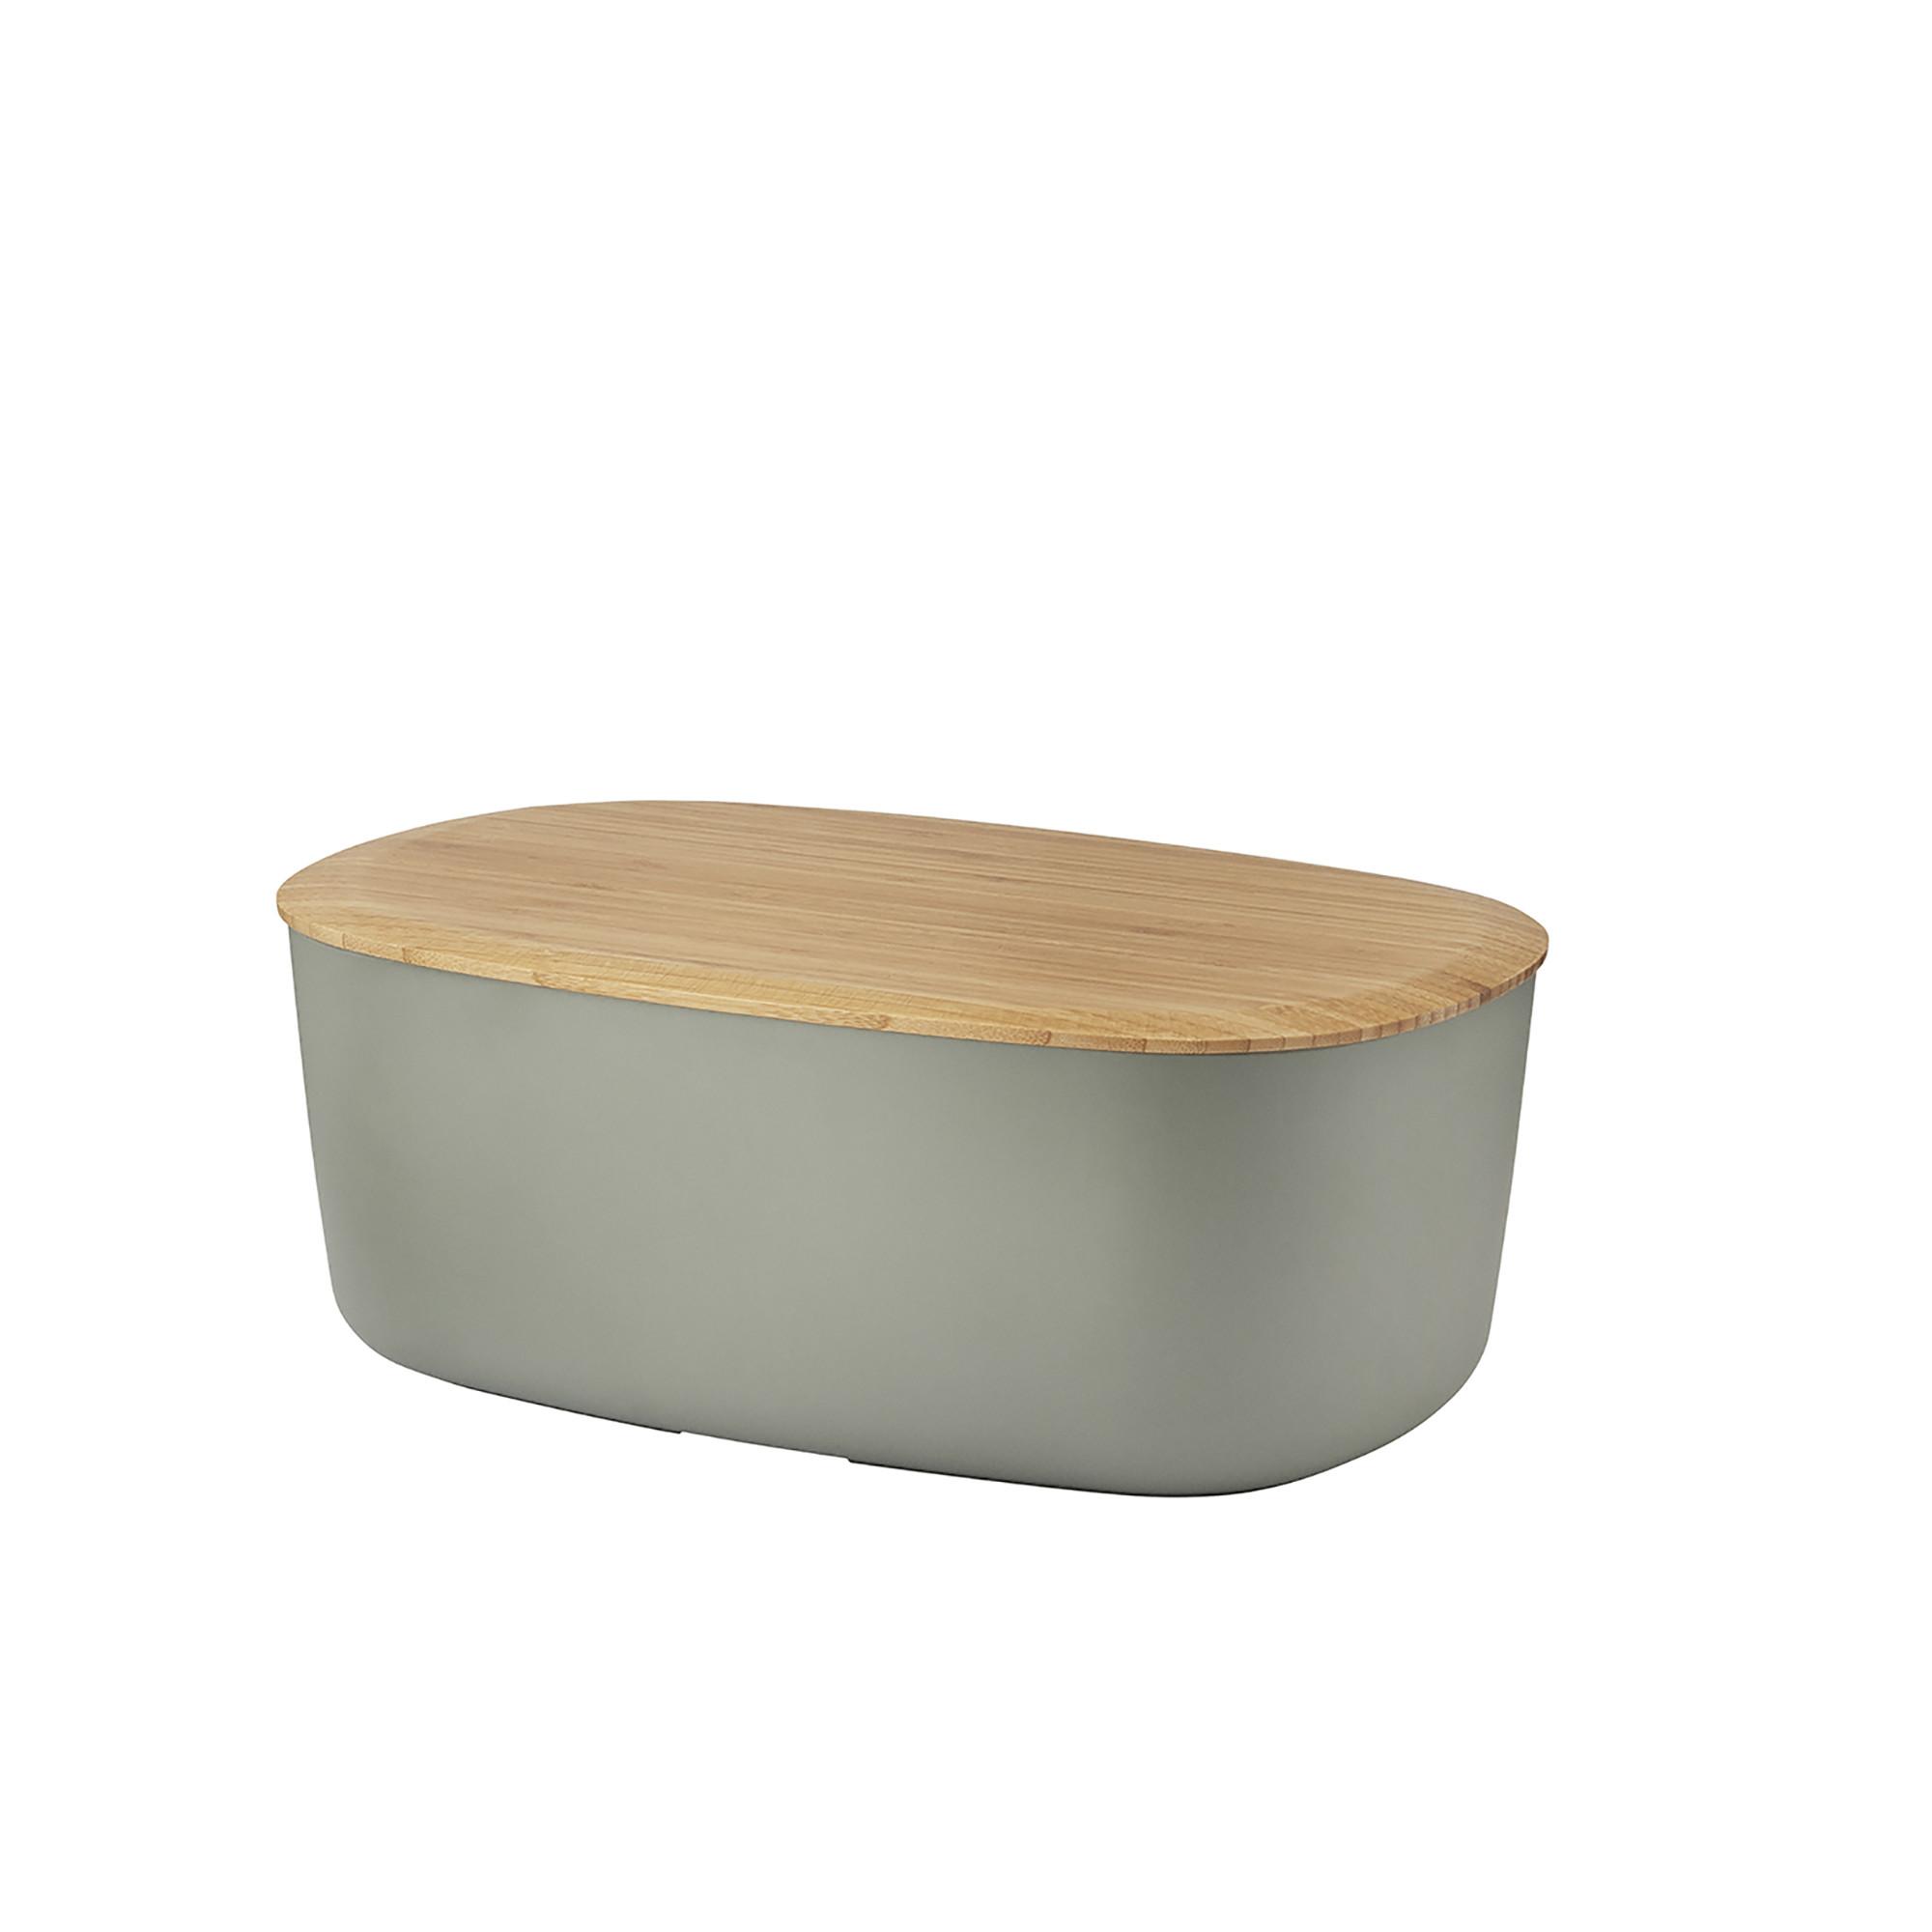 Billede af BOX-IT Brødkasse, grå